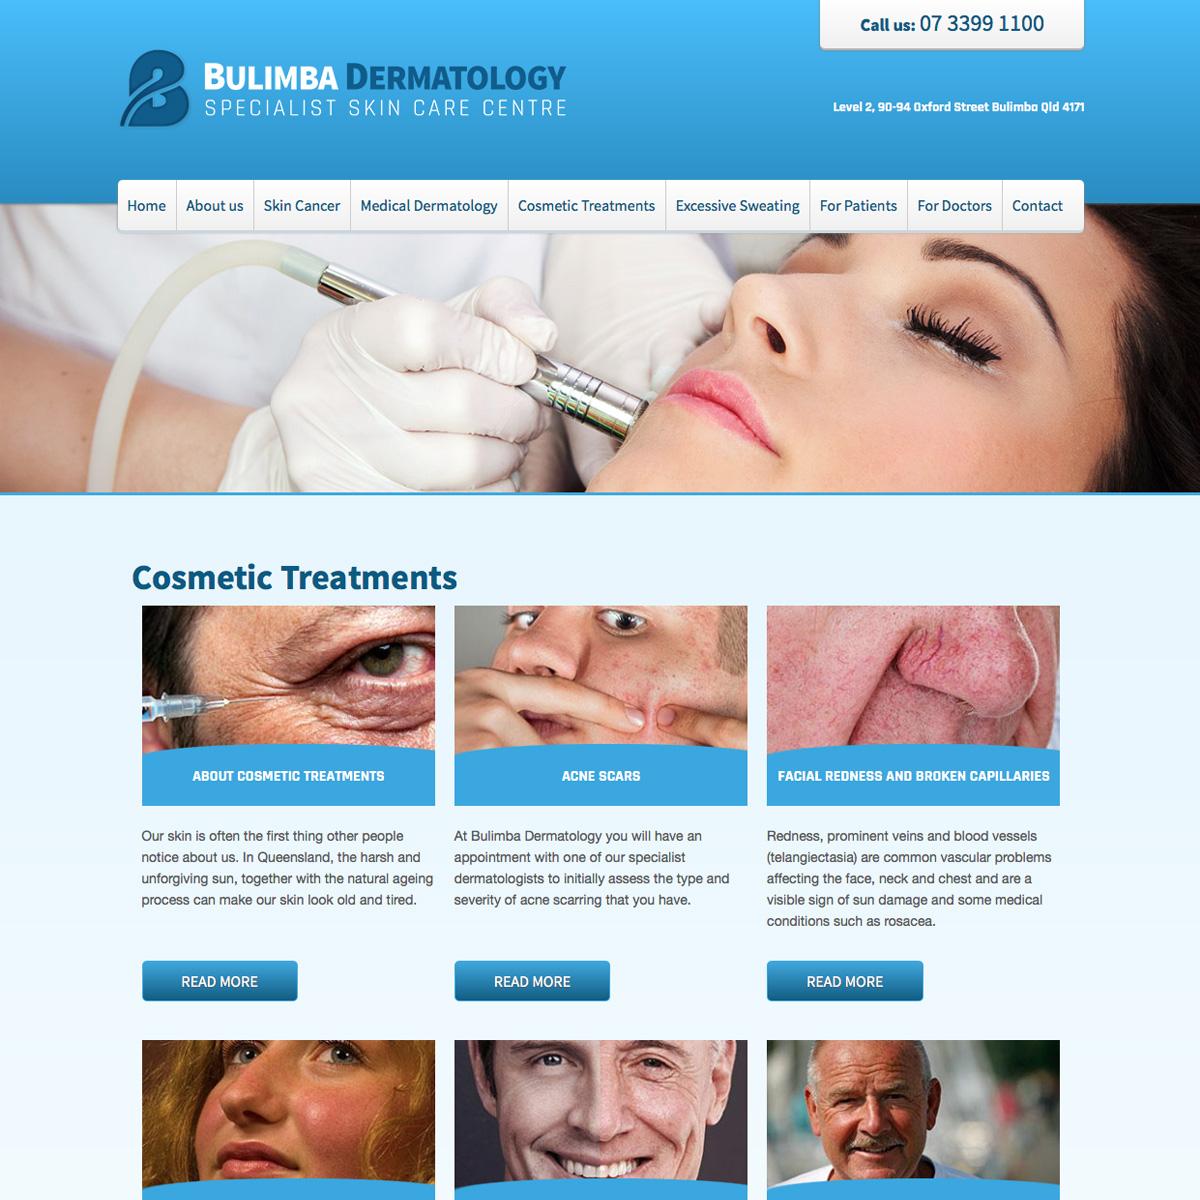 Bulimba Dermatology Cosmetic Treatments